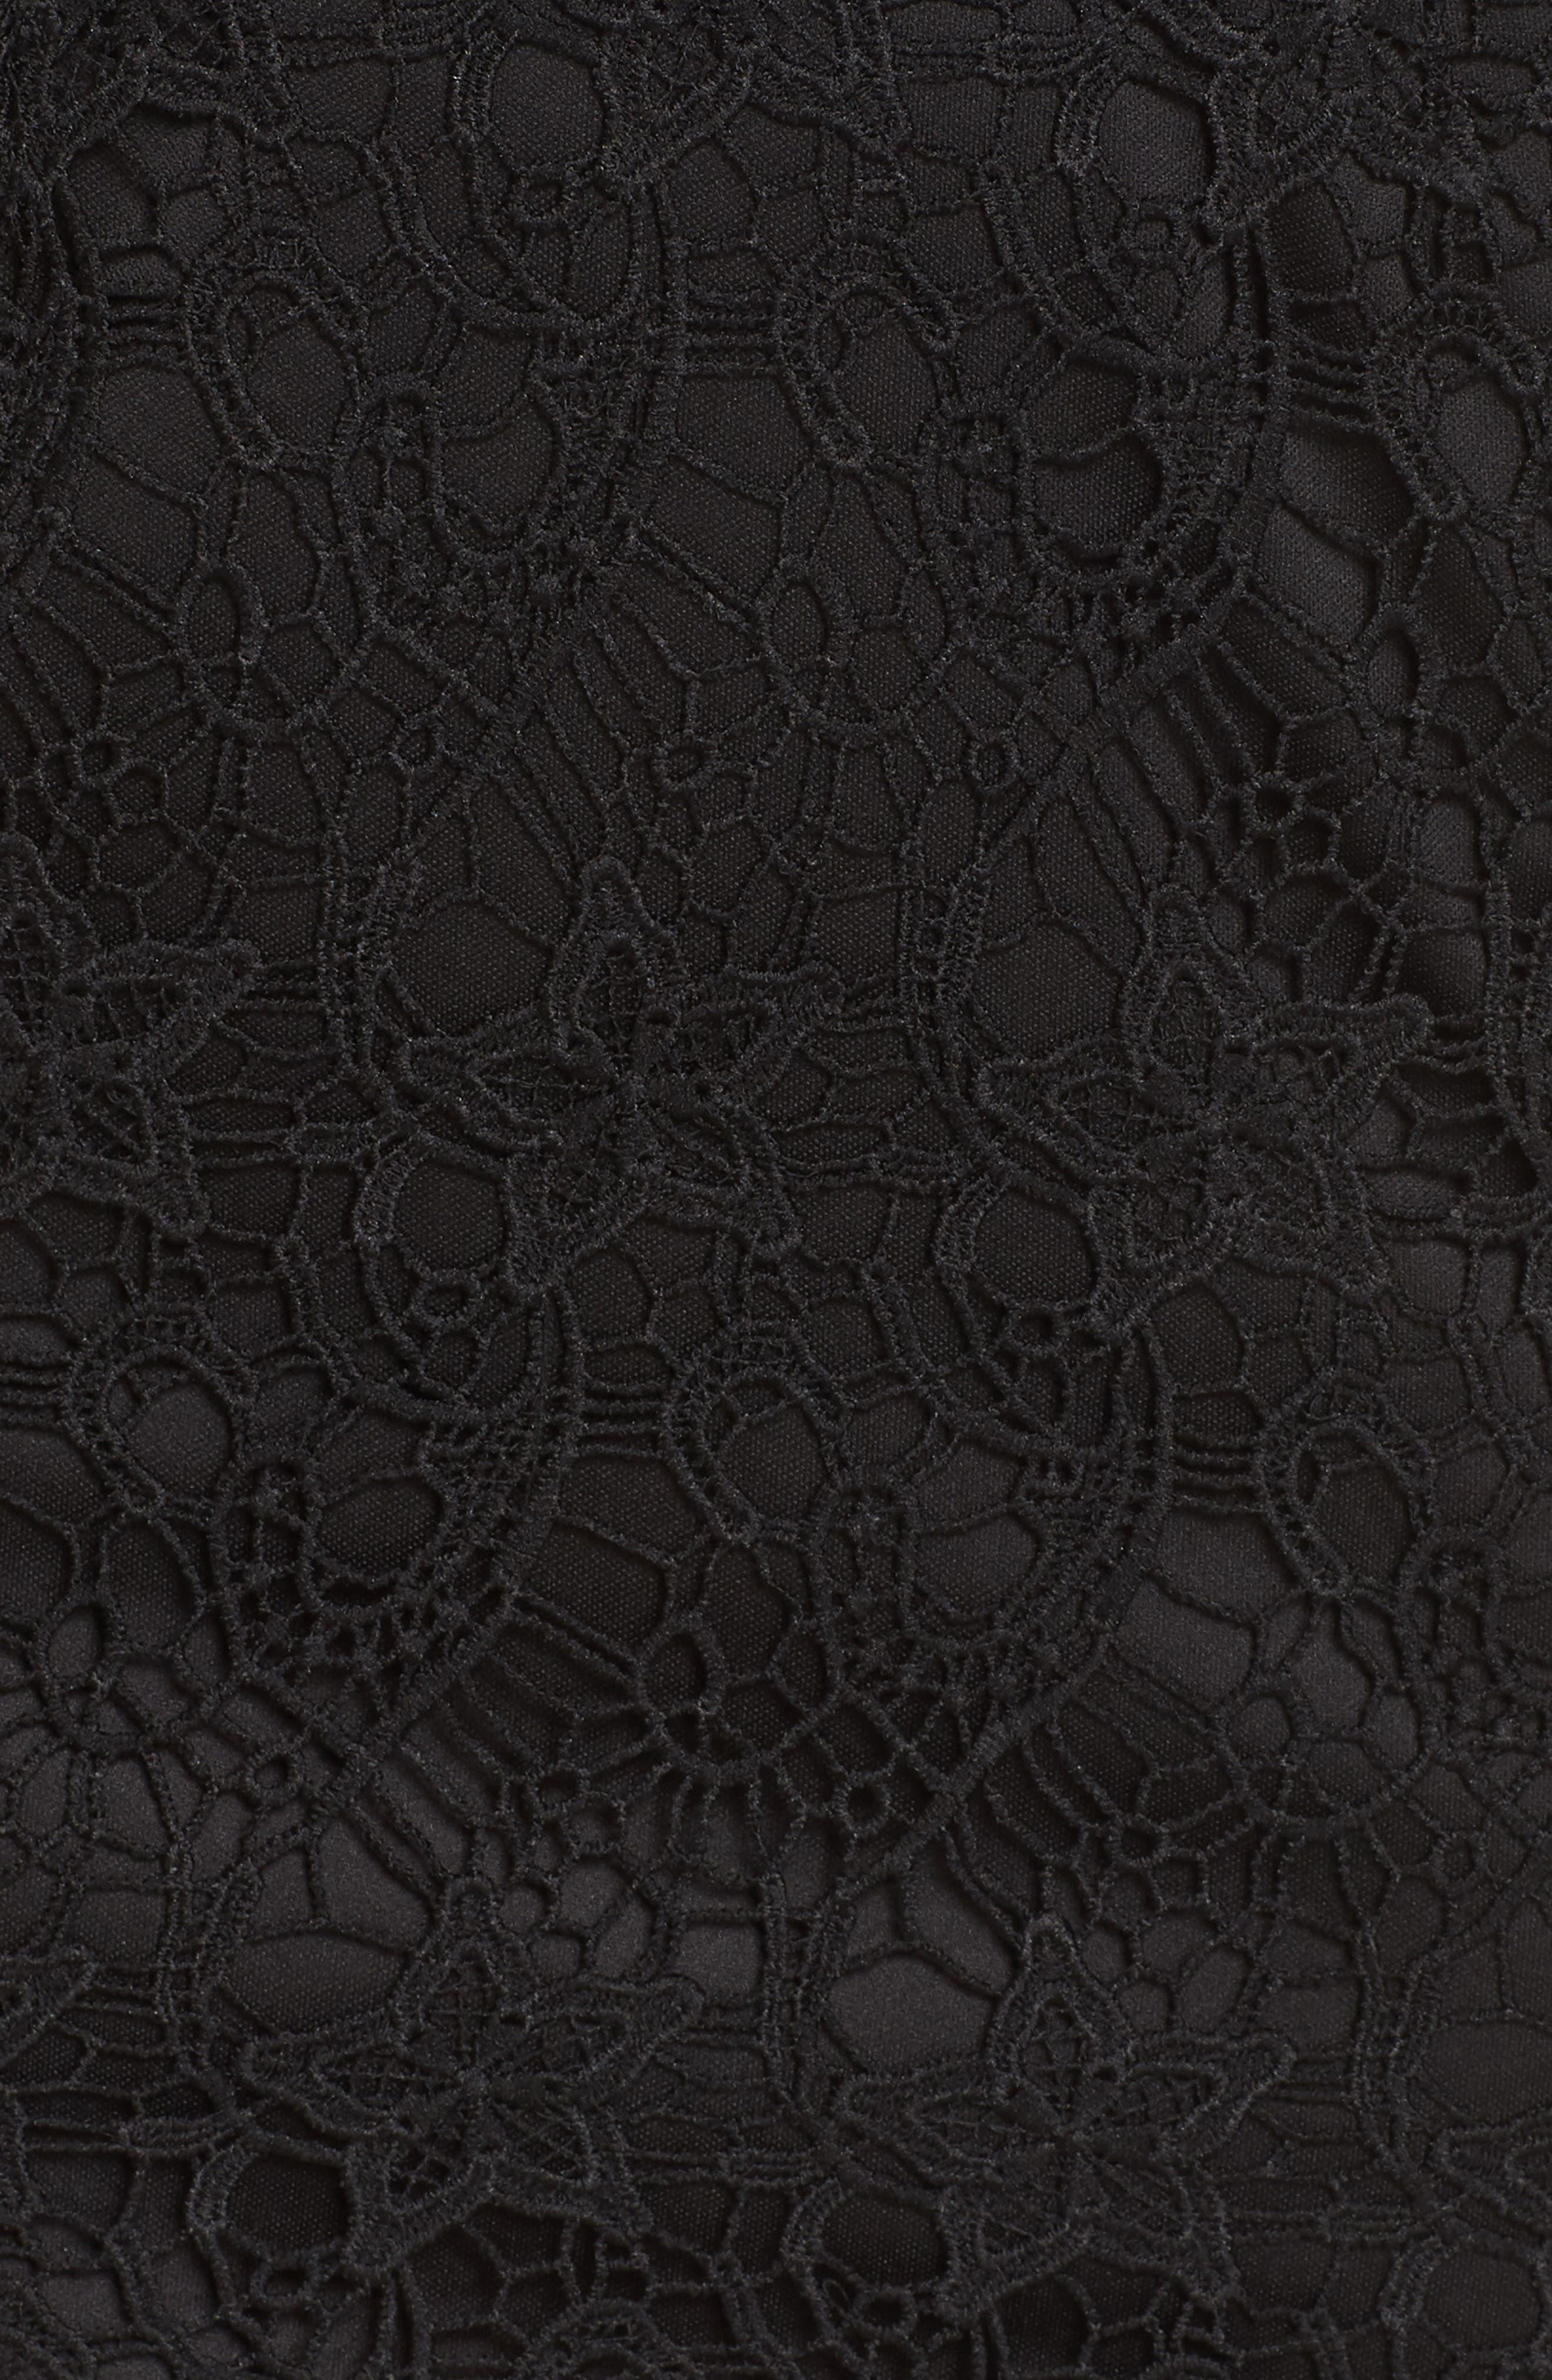 LULUS, Lace Cocktail Dress, Alternate thumbnail 6, color, BLACK